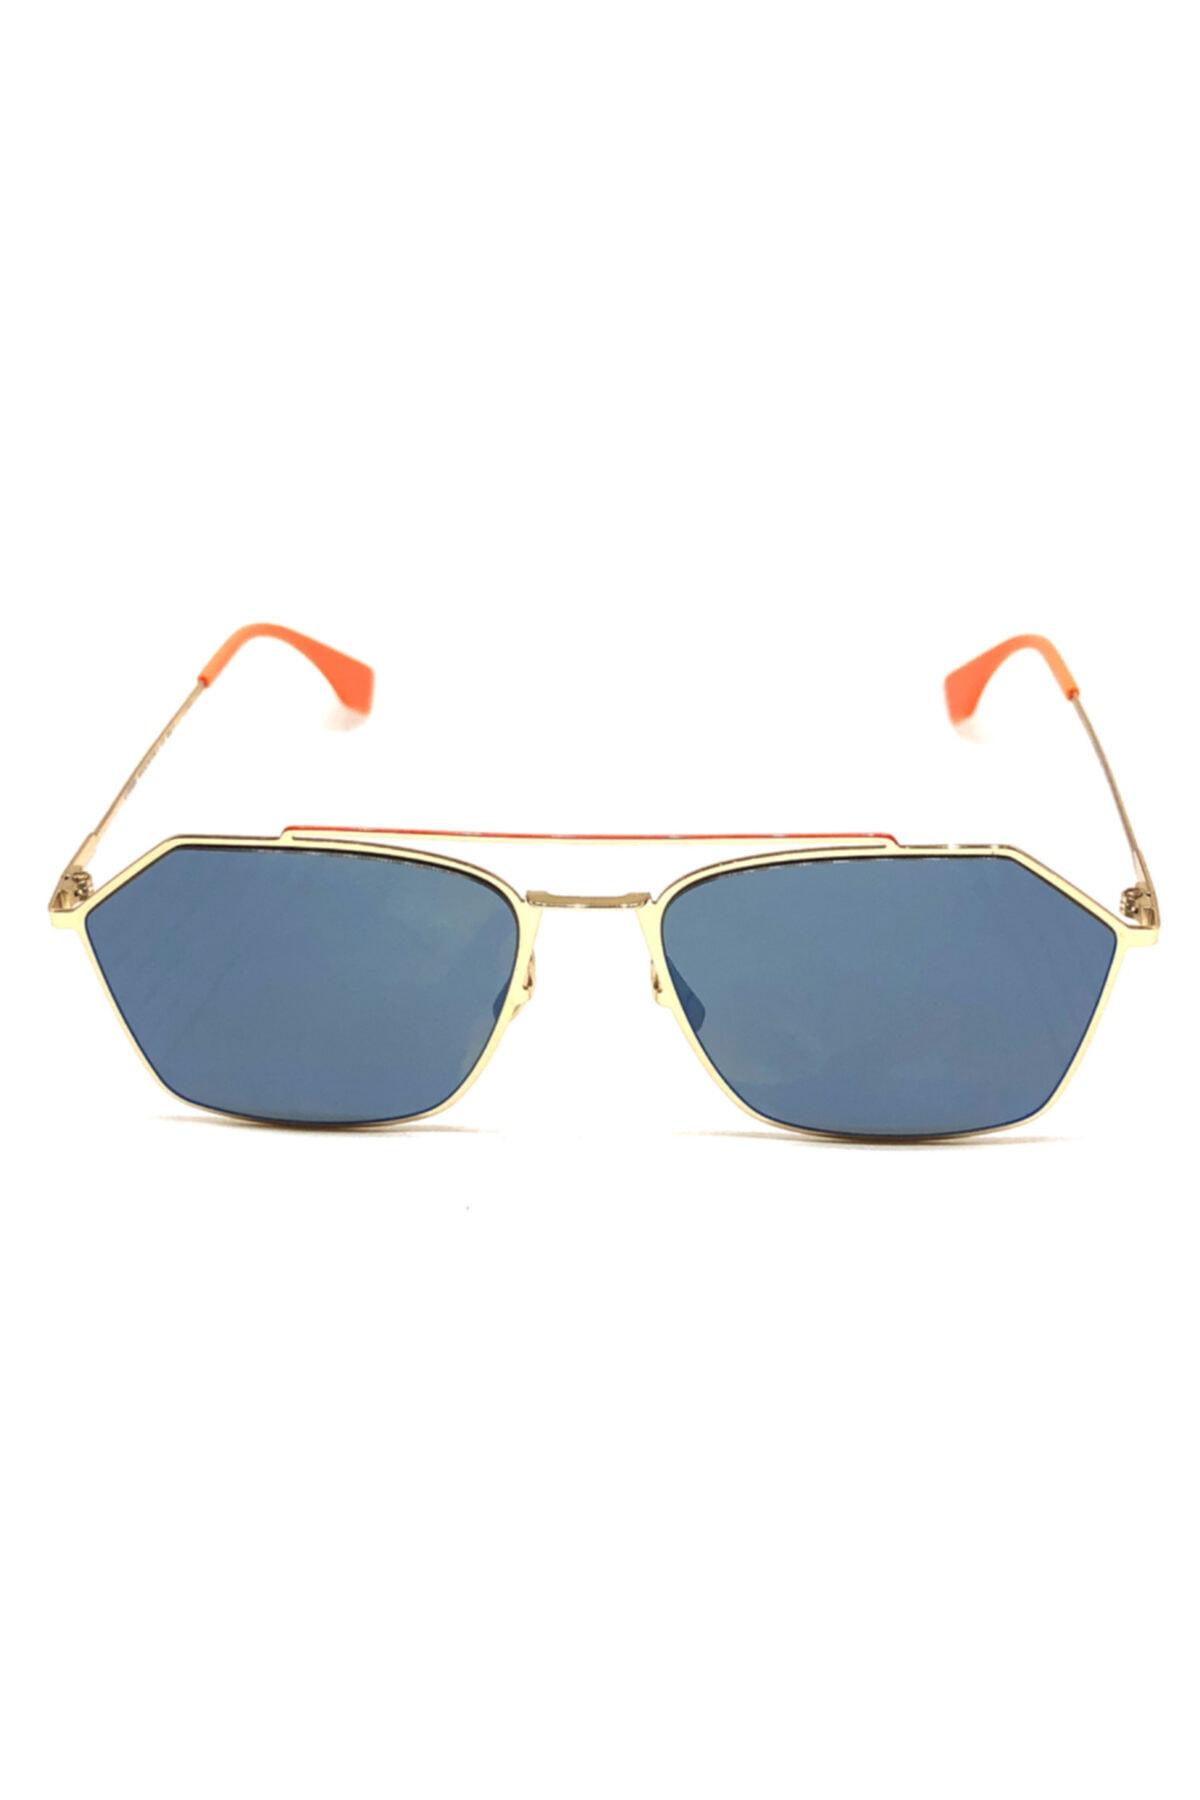 خرید پستی عینک آفتابی زنانه پارچه  برند Fendi رنگ زرد ty49672344